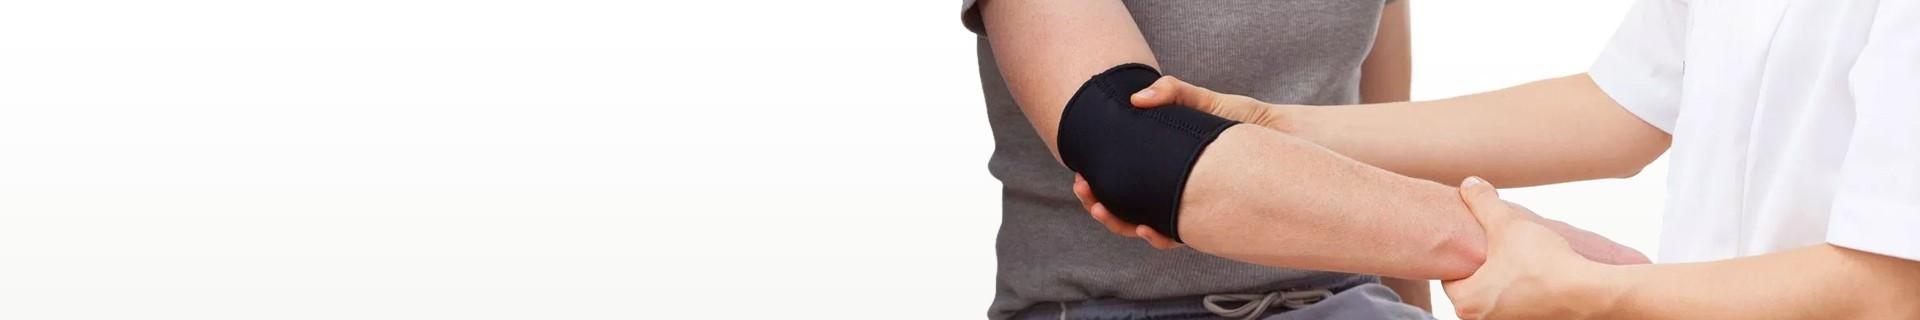 Orteze torace si abdomen